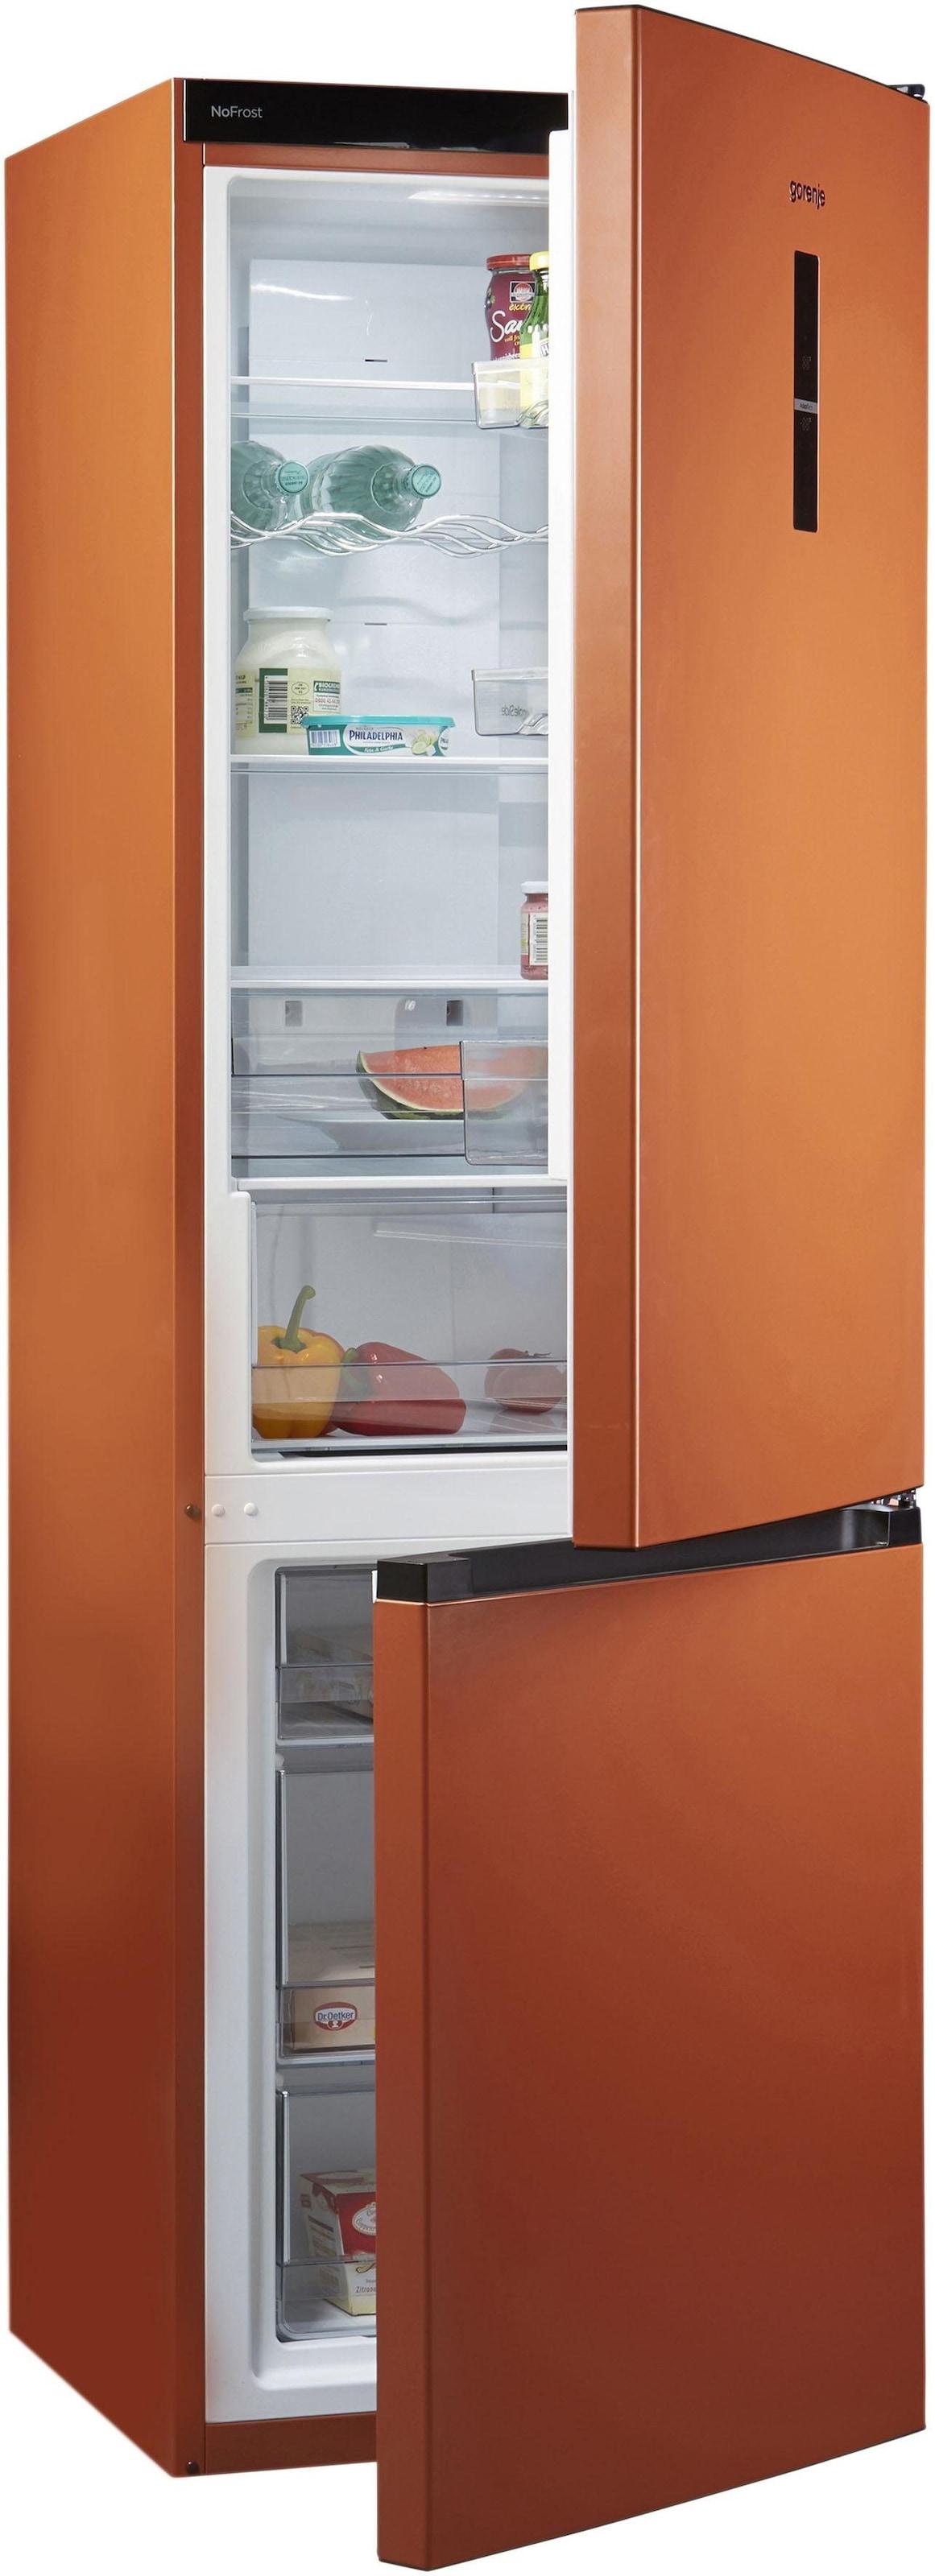 Gorenje Kühlschrank Bedienungsanleitung : Gorenje kühl gefrierkombination cm hoch cm breit